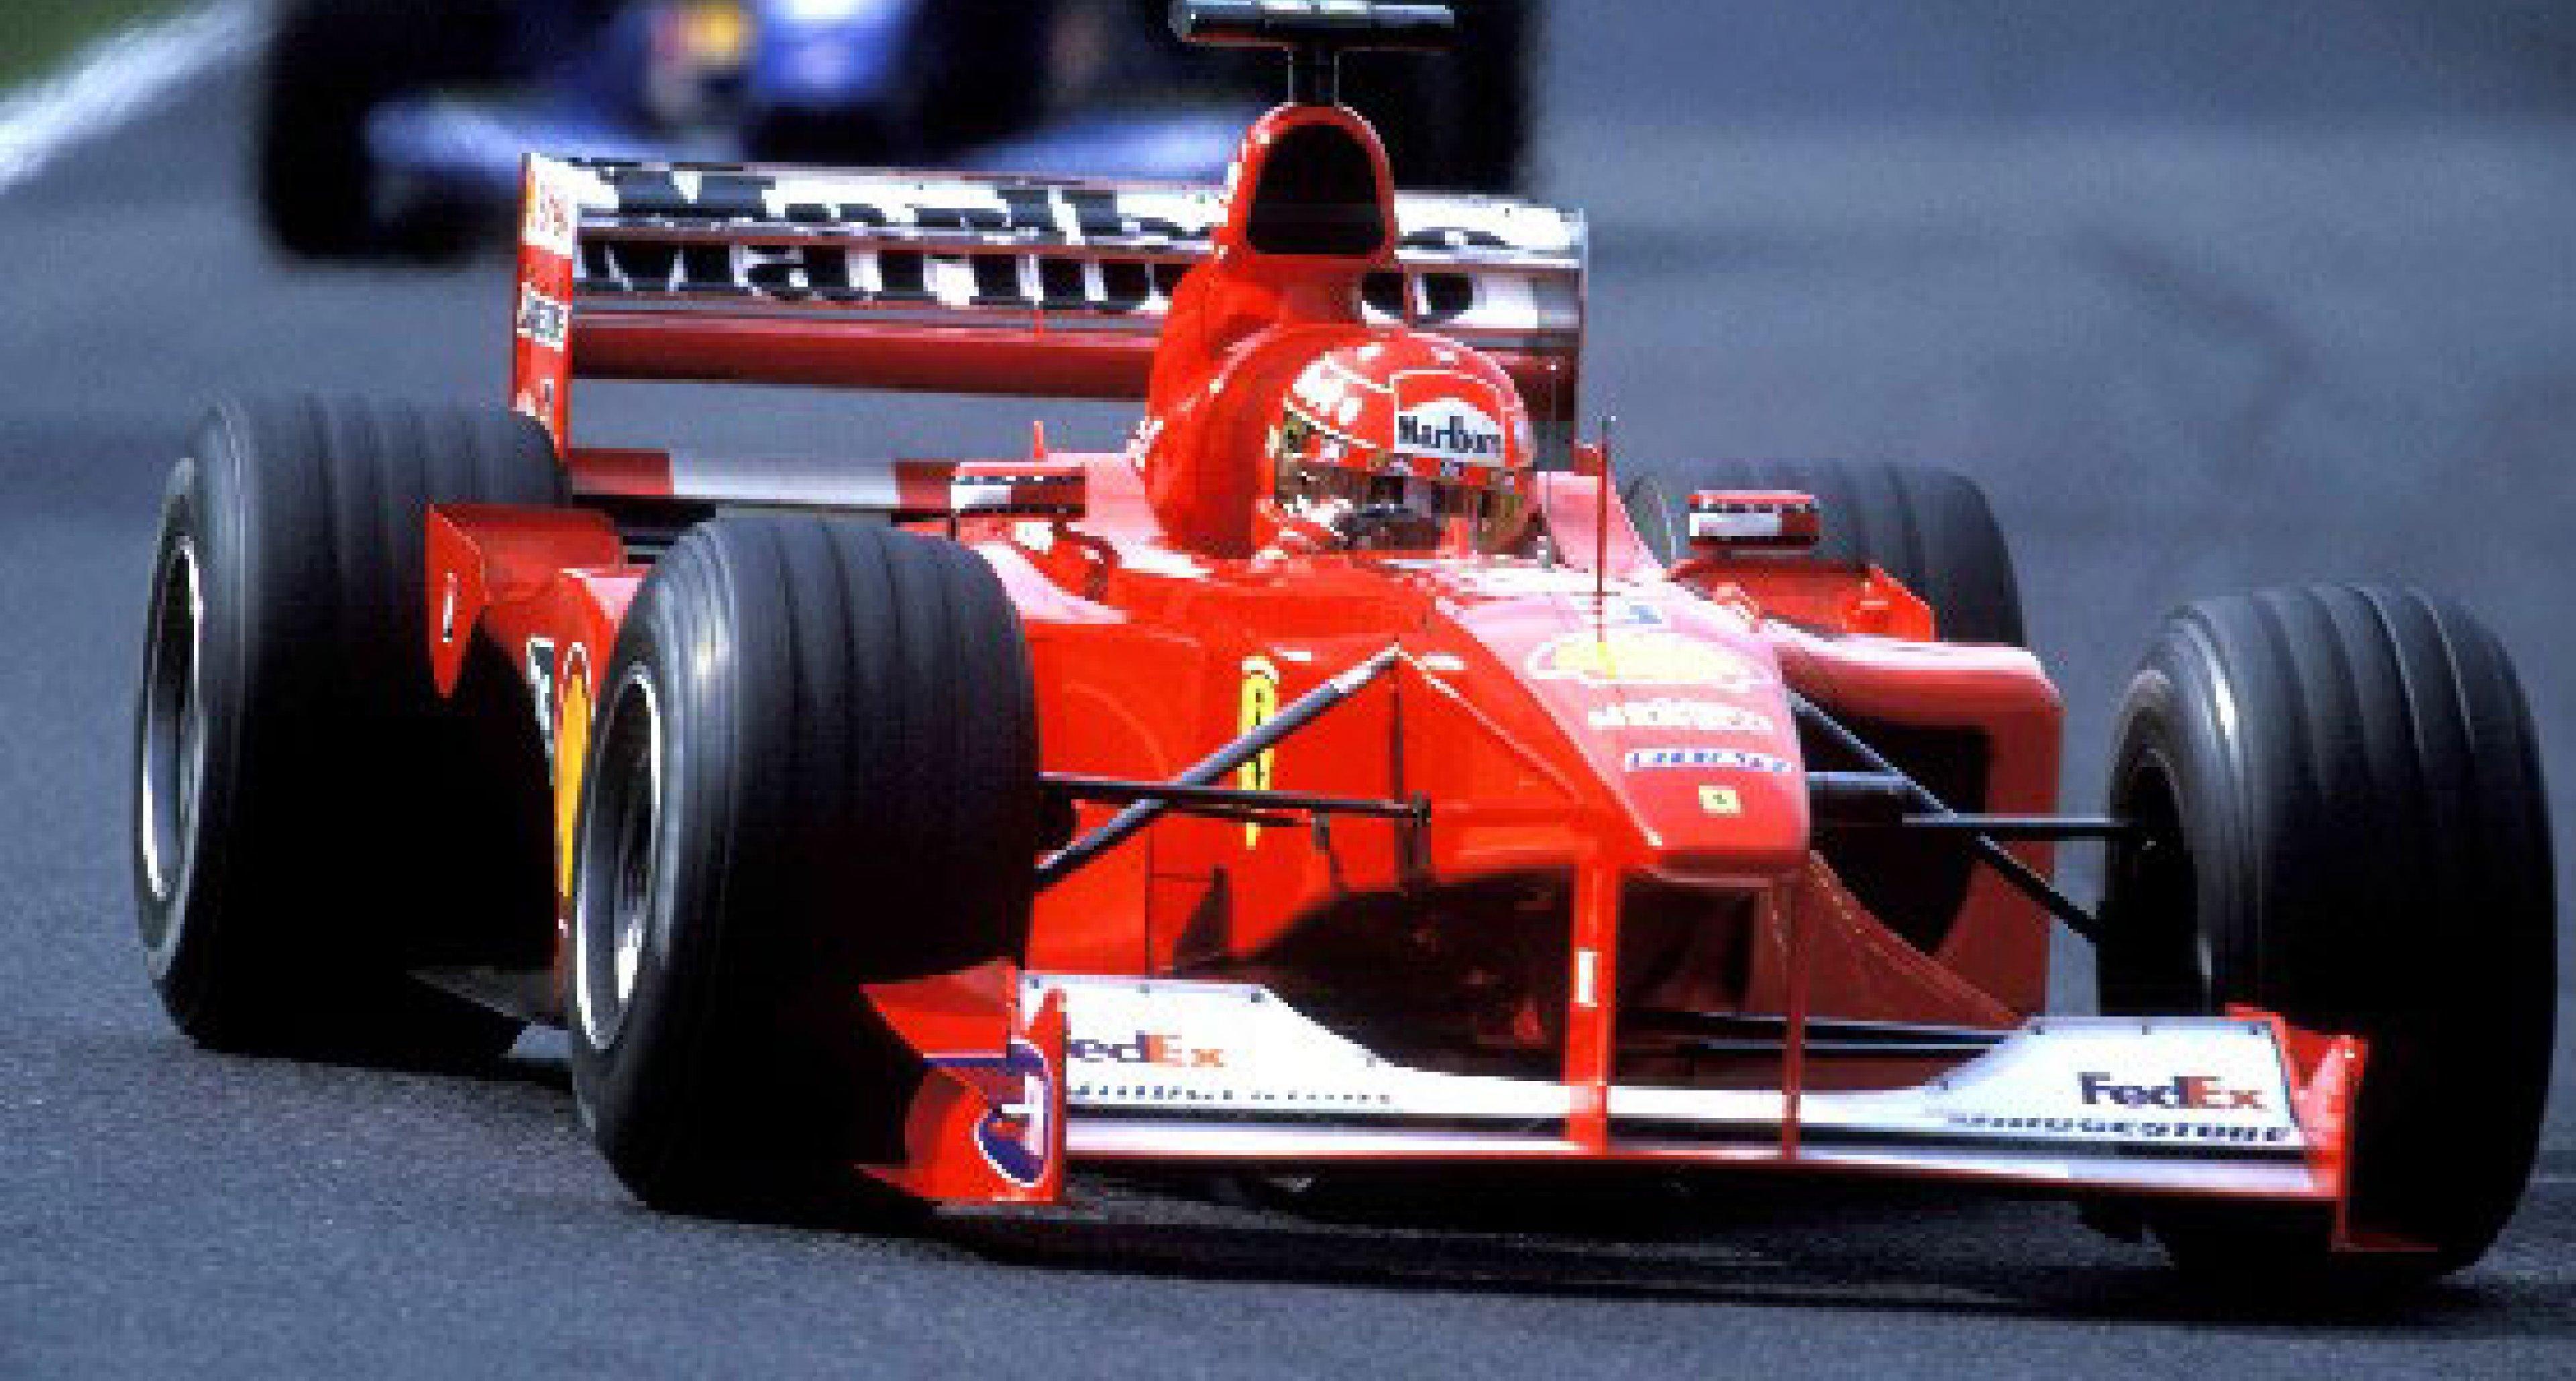 Bonhams at Monaco 15th May 2004 - Review